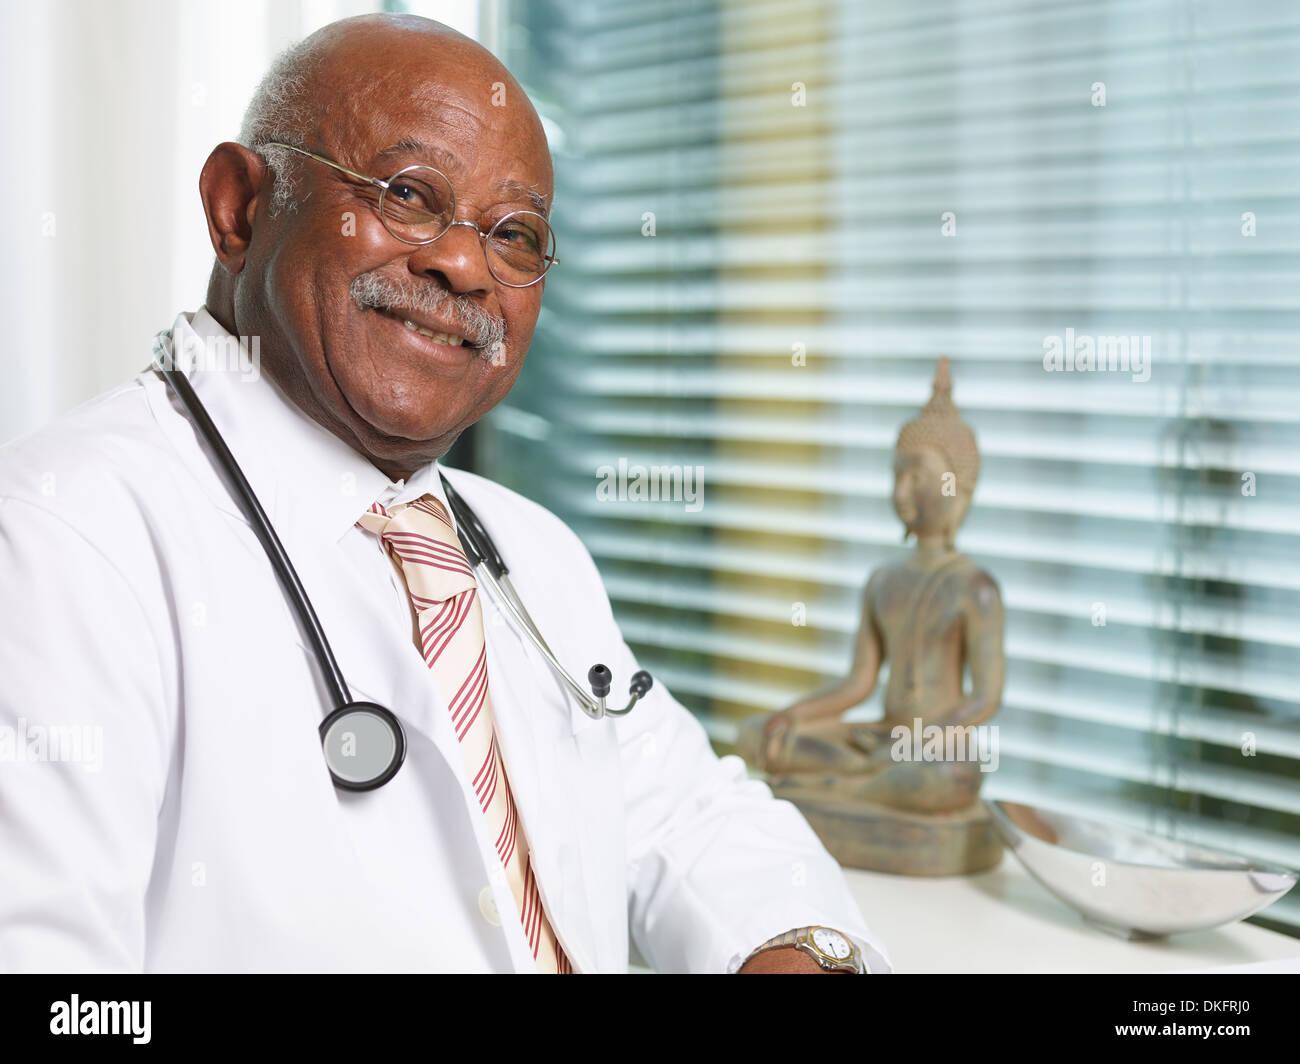 Senior doctor with stethoscope, vêtu d'un sarrau Banque D'Images